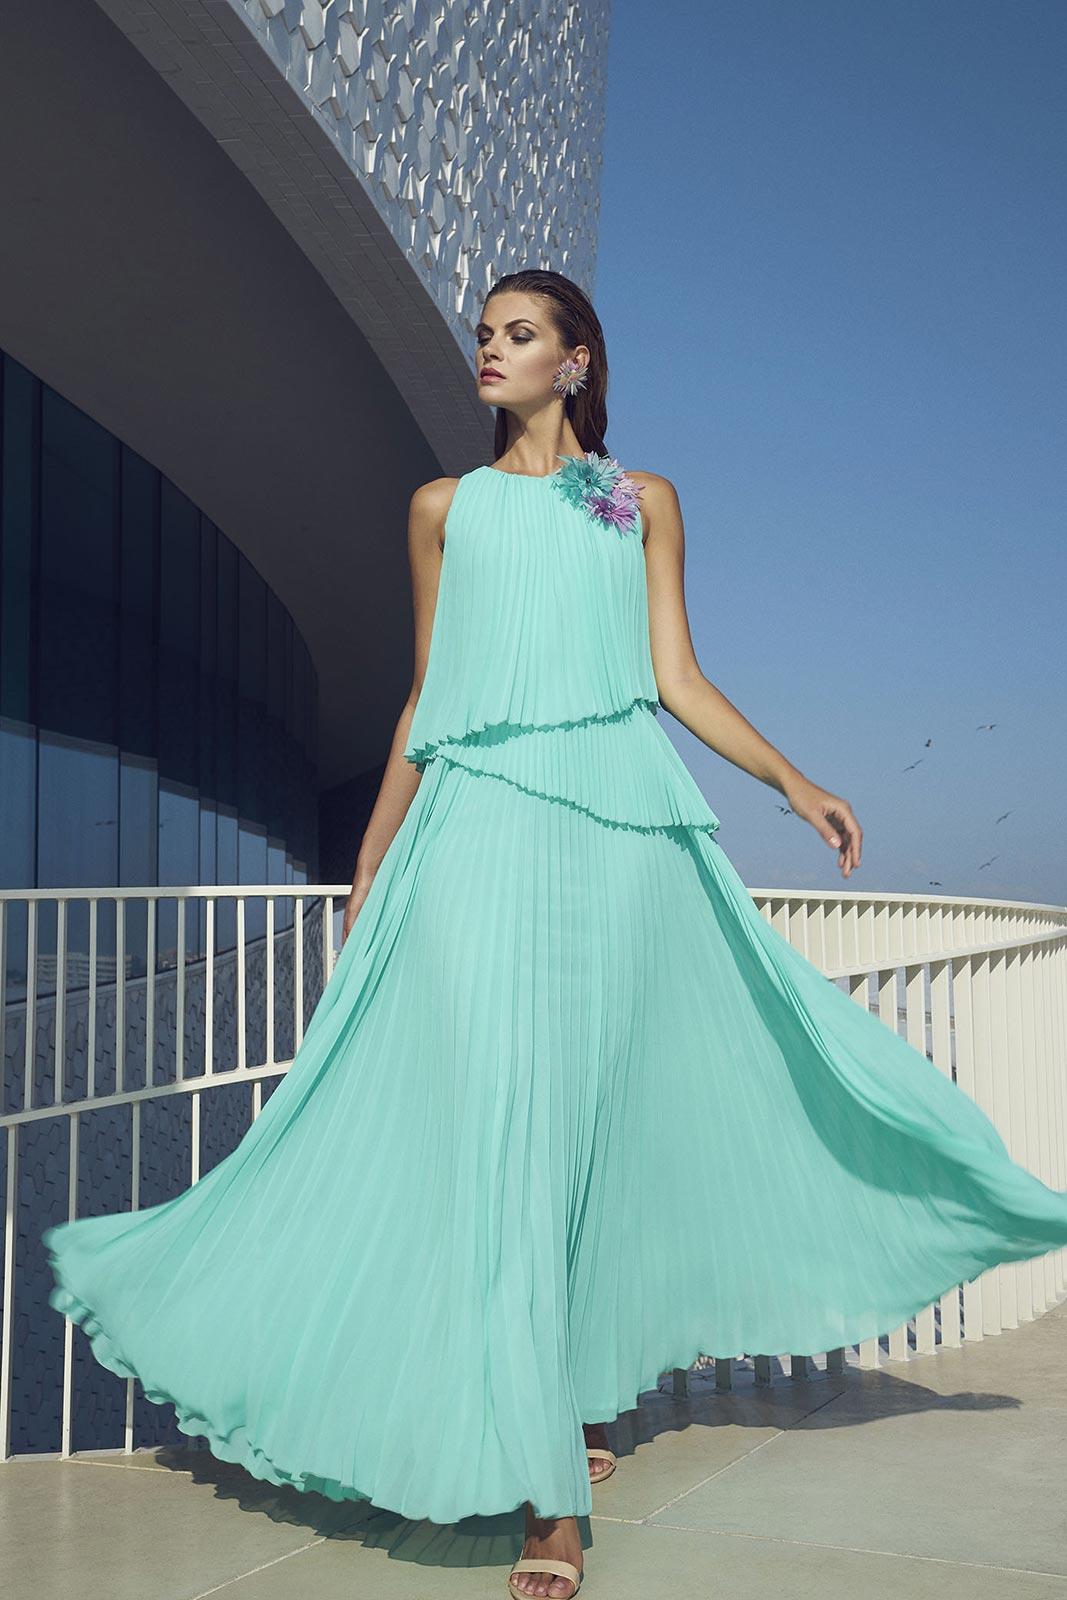 Tiendas vestidos fiesta velez malaga